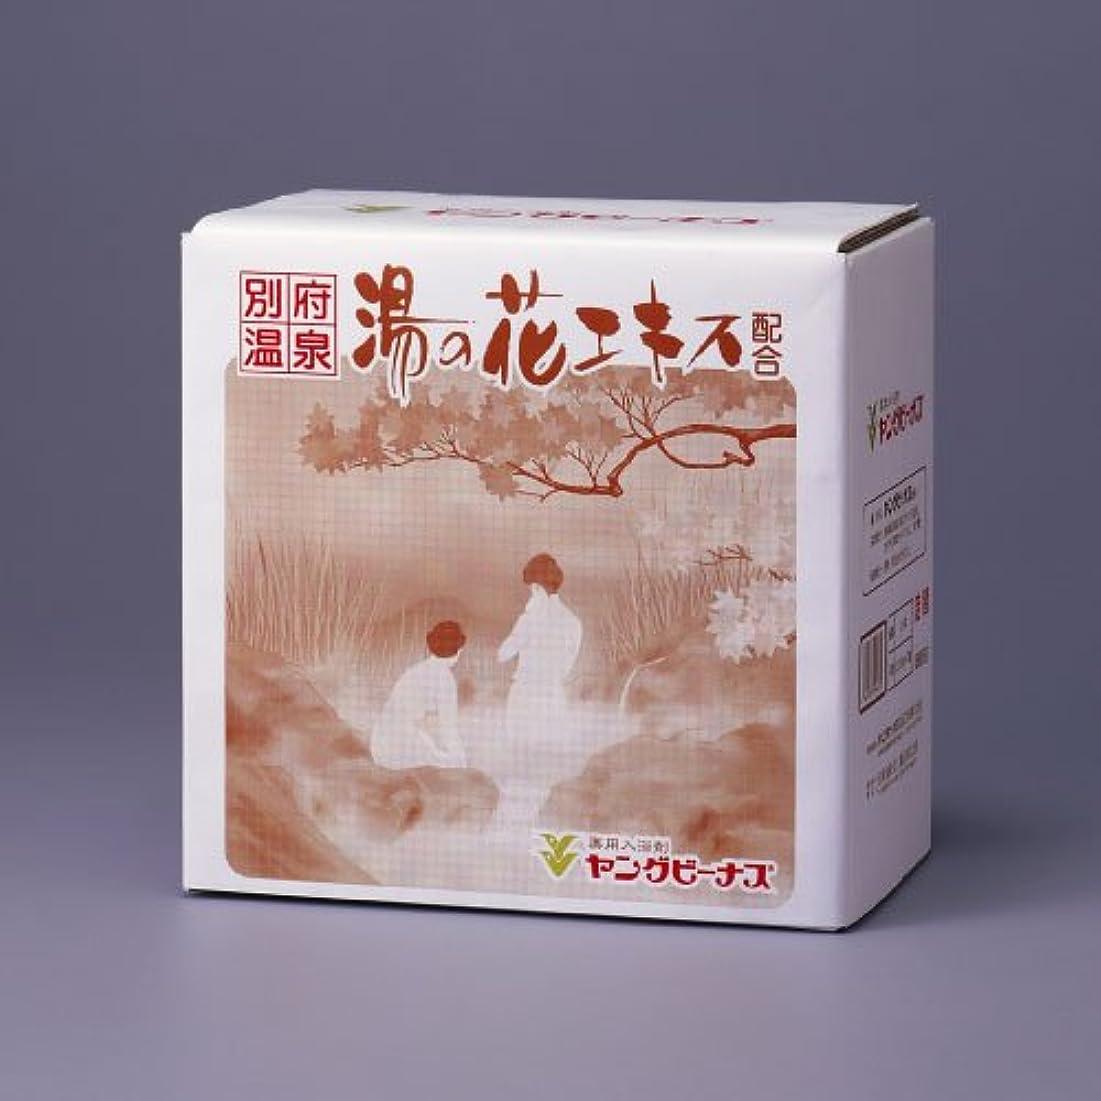 認める望み比類のない薬用入浴剤ヤングビーナスSv C-60【5.6kg】(詰替2.8kg2袋) [医薬部外品]